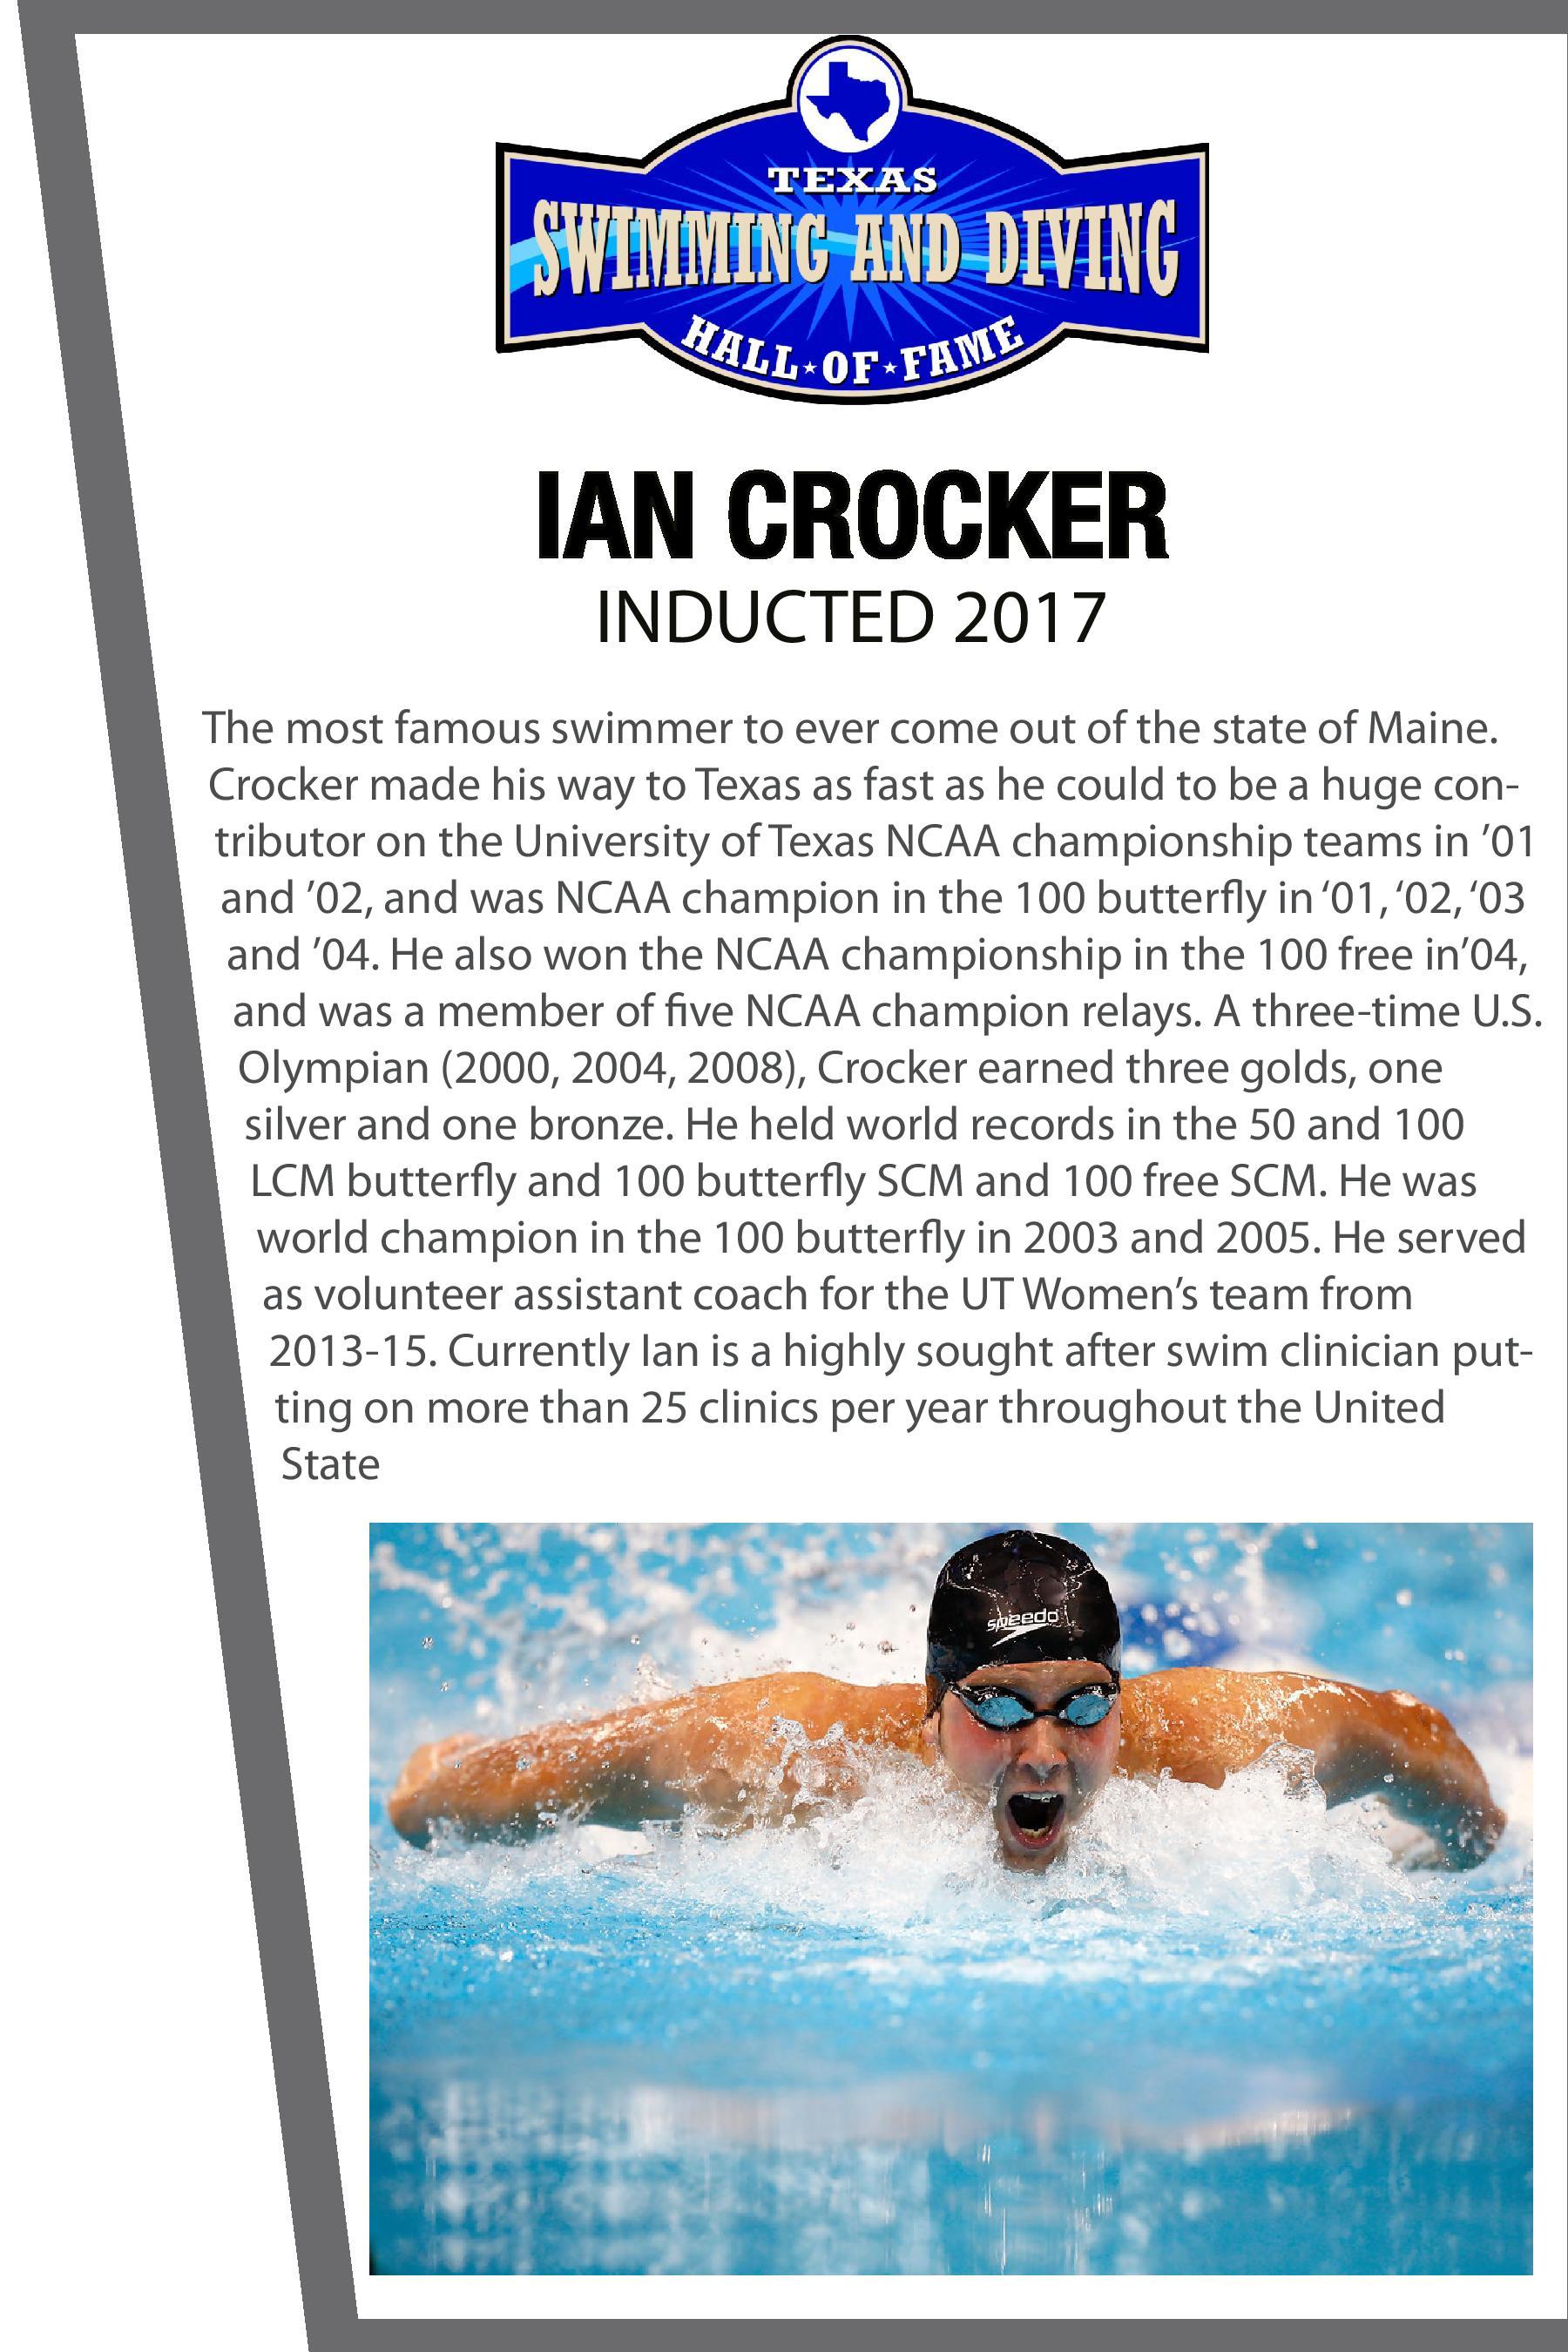 IAN CROCKER-page-001.jpg